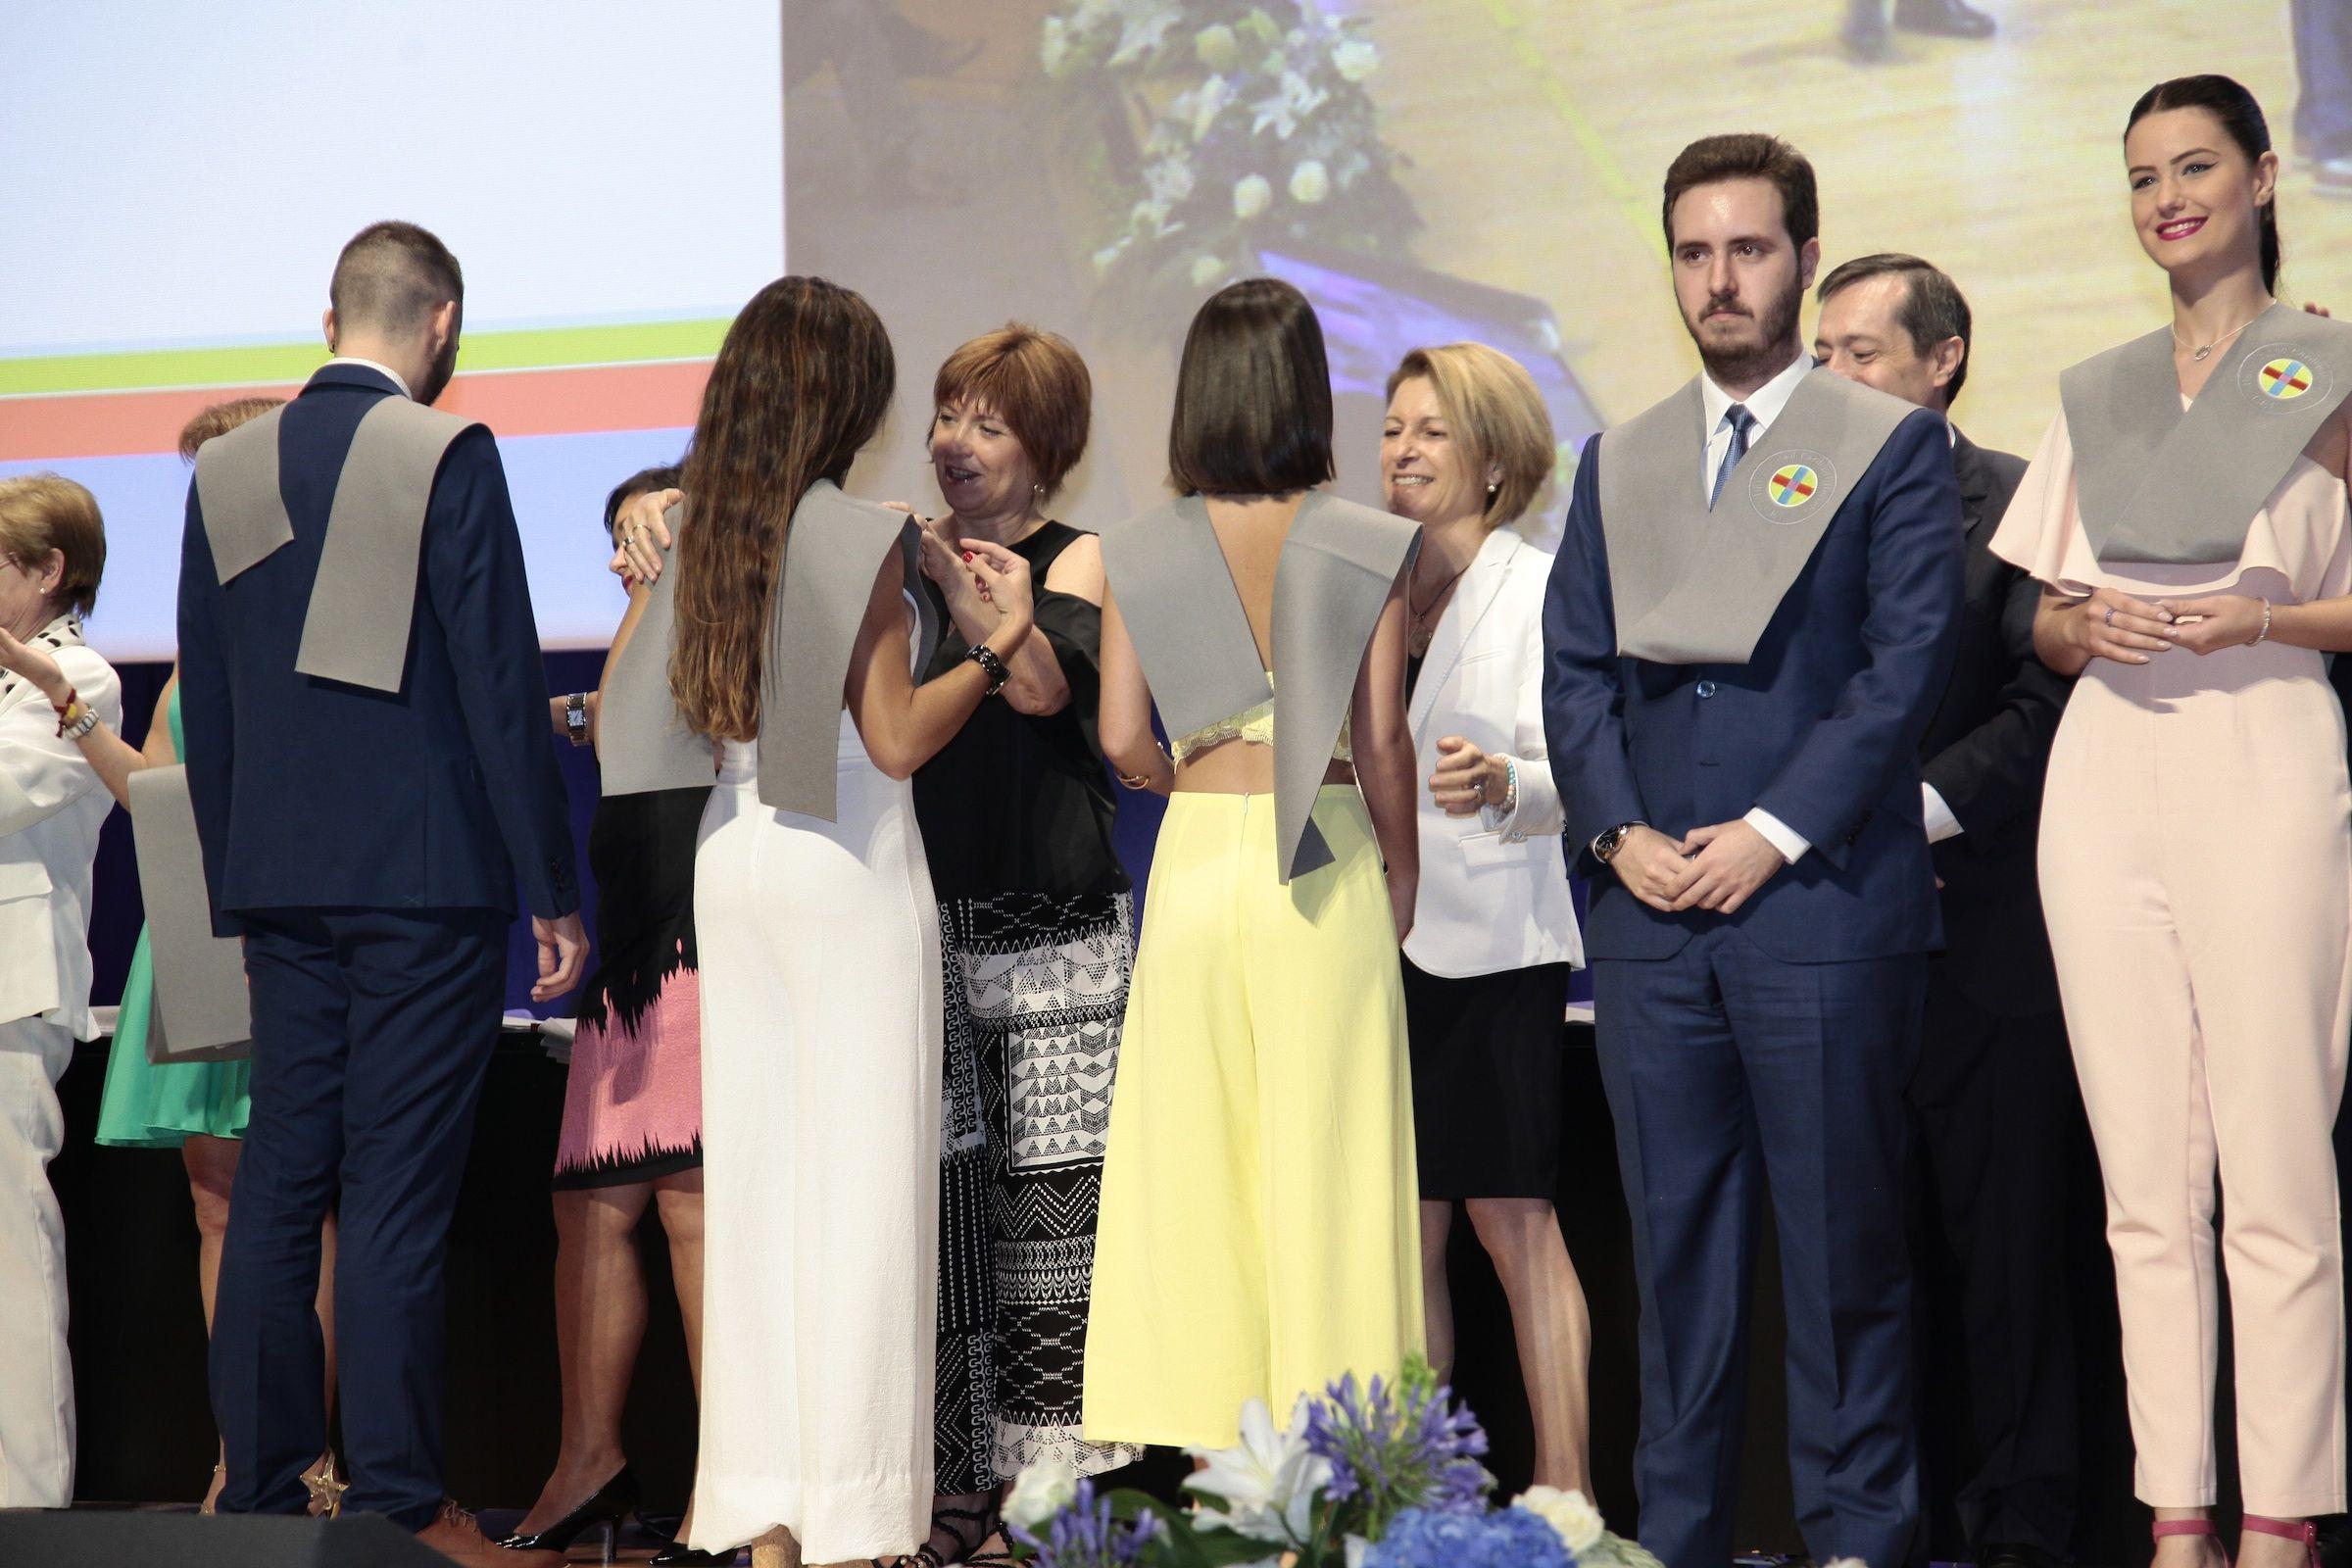 Empar Marco y la rectora Rosa Visiedo, durante la imposición de becas a los nuevos profesionales de la comunicación graduados en la Universidad CEU Cardenal Herrera.